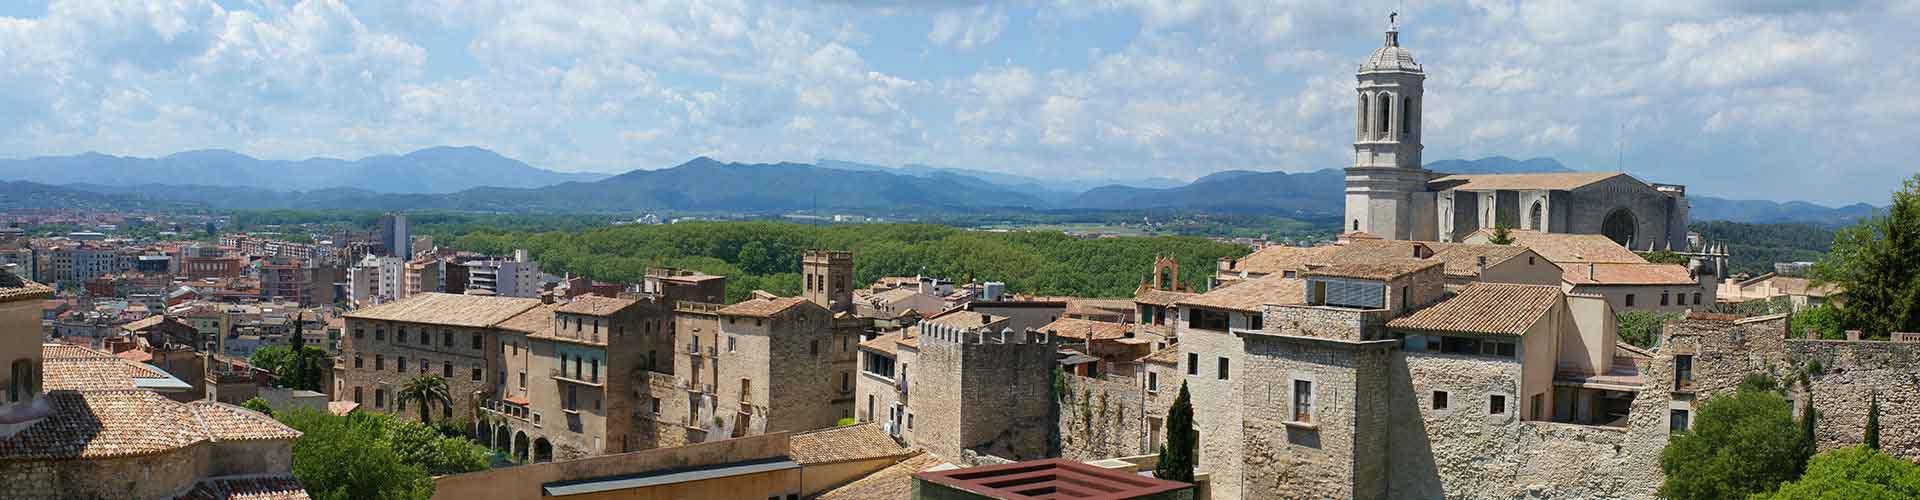 Girona - Auberges de jeunesse à Girona. Cartes pour Girona, photos et commentaires pour chaque auberge de jeunesse à Girona.